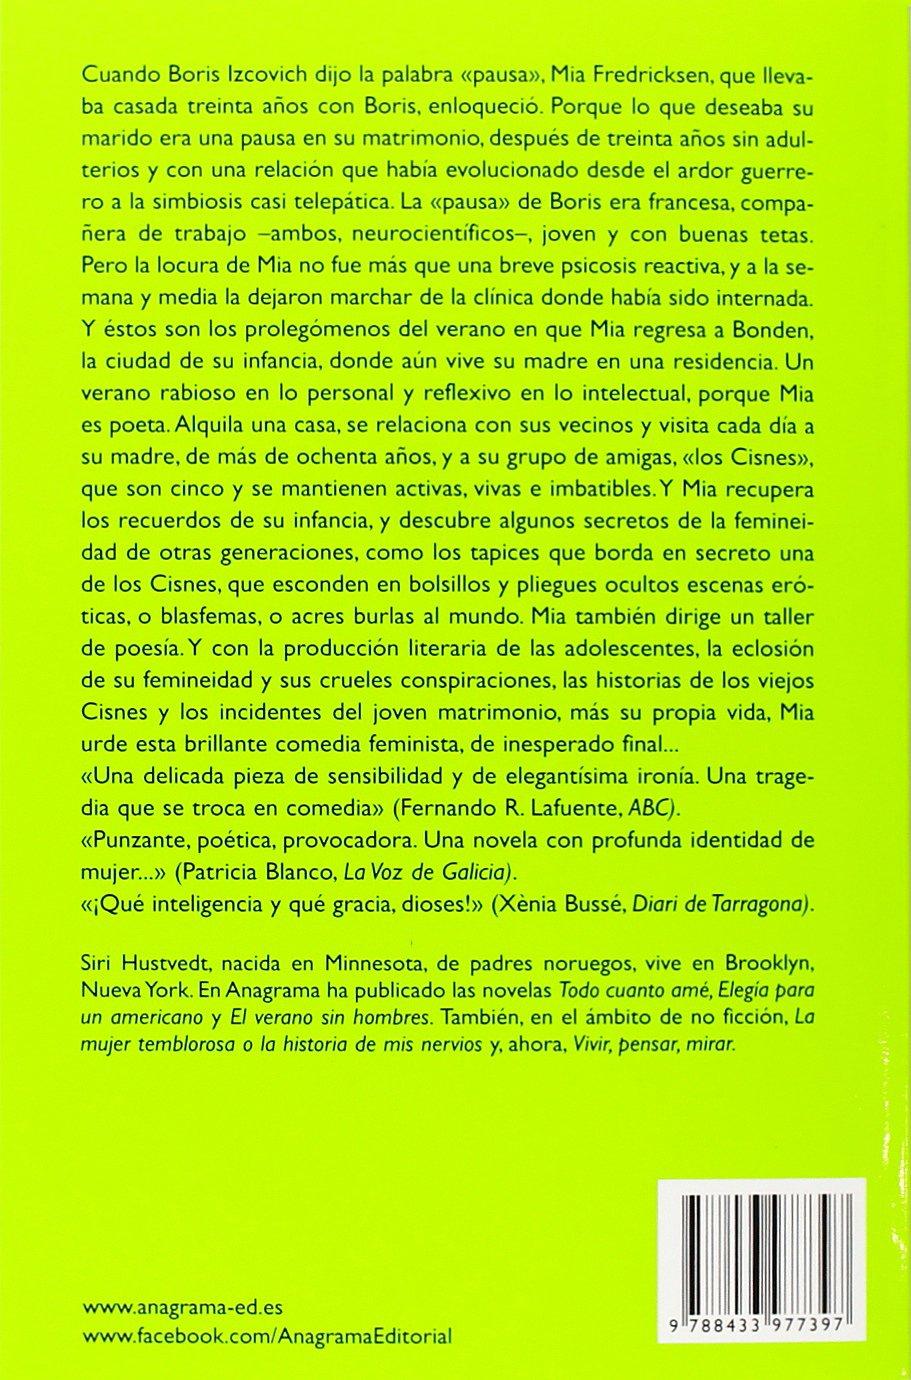 El Verano Sin Hombres (Compactos Anagrama): Amazon.es: Siri Hustvedt,  Cecilia Ceriani Calero: Libros